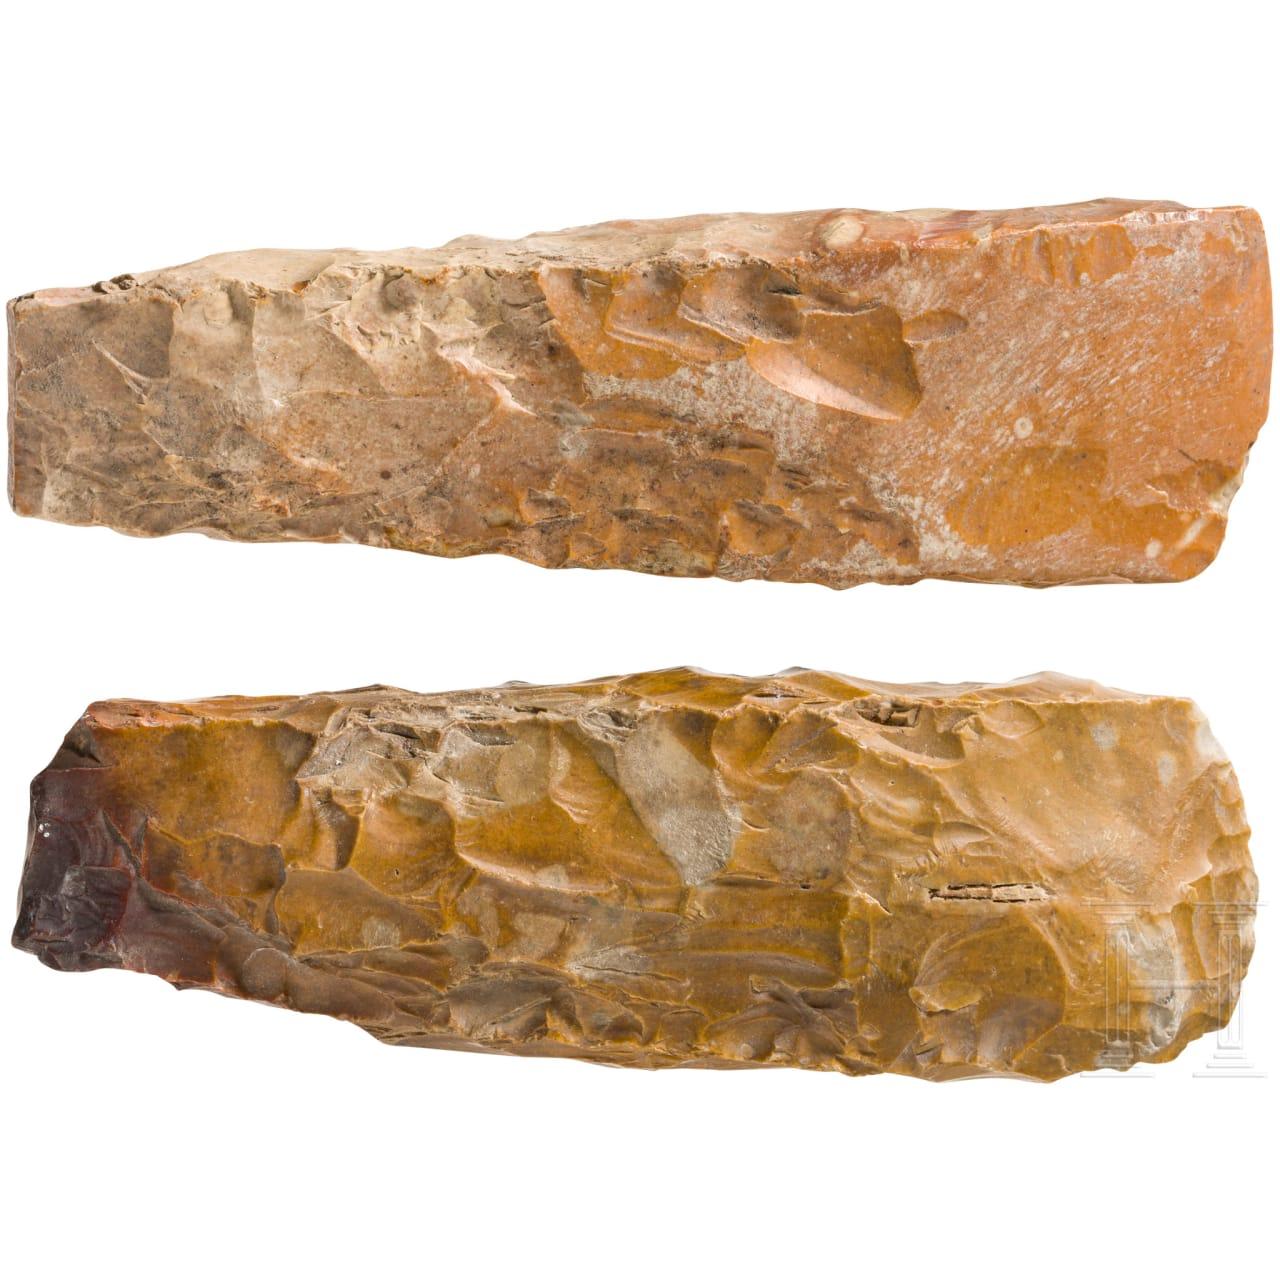 Zwei große Nackenbeile, Ostseeraum, Spätneolithikum, 3. Jtsd. v. Chr.